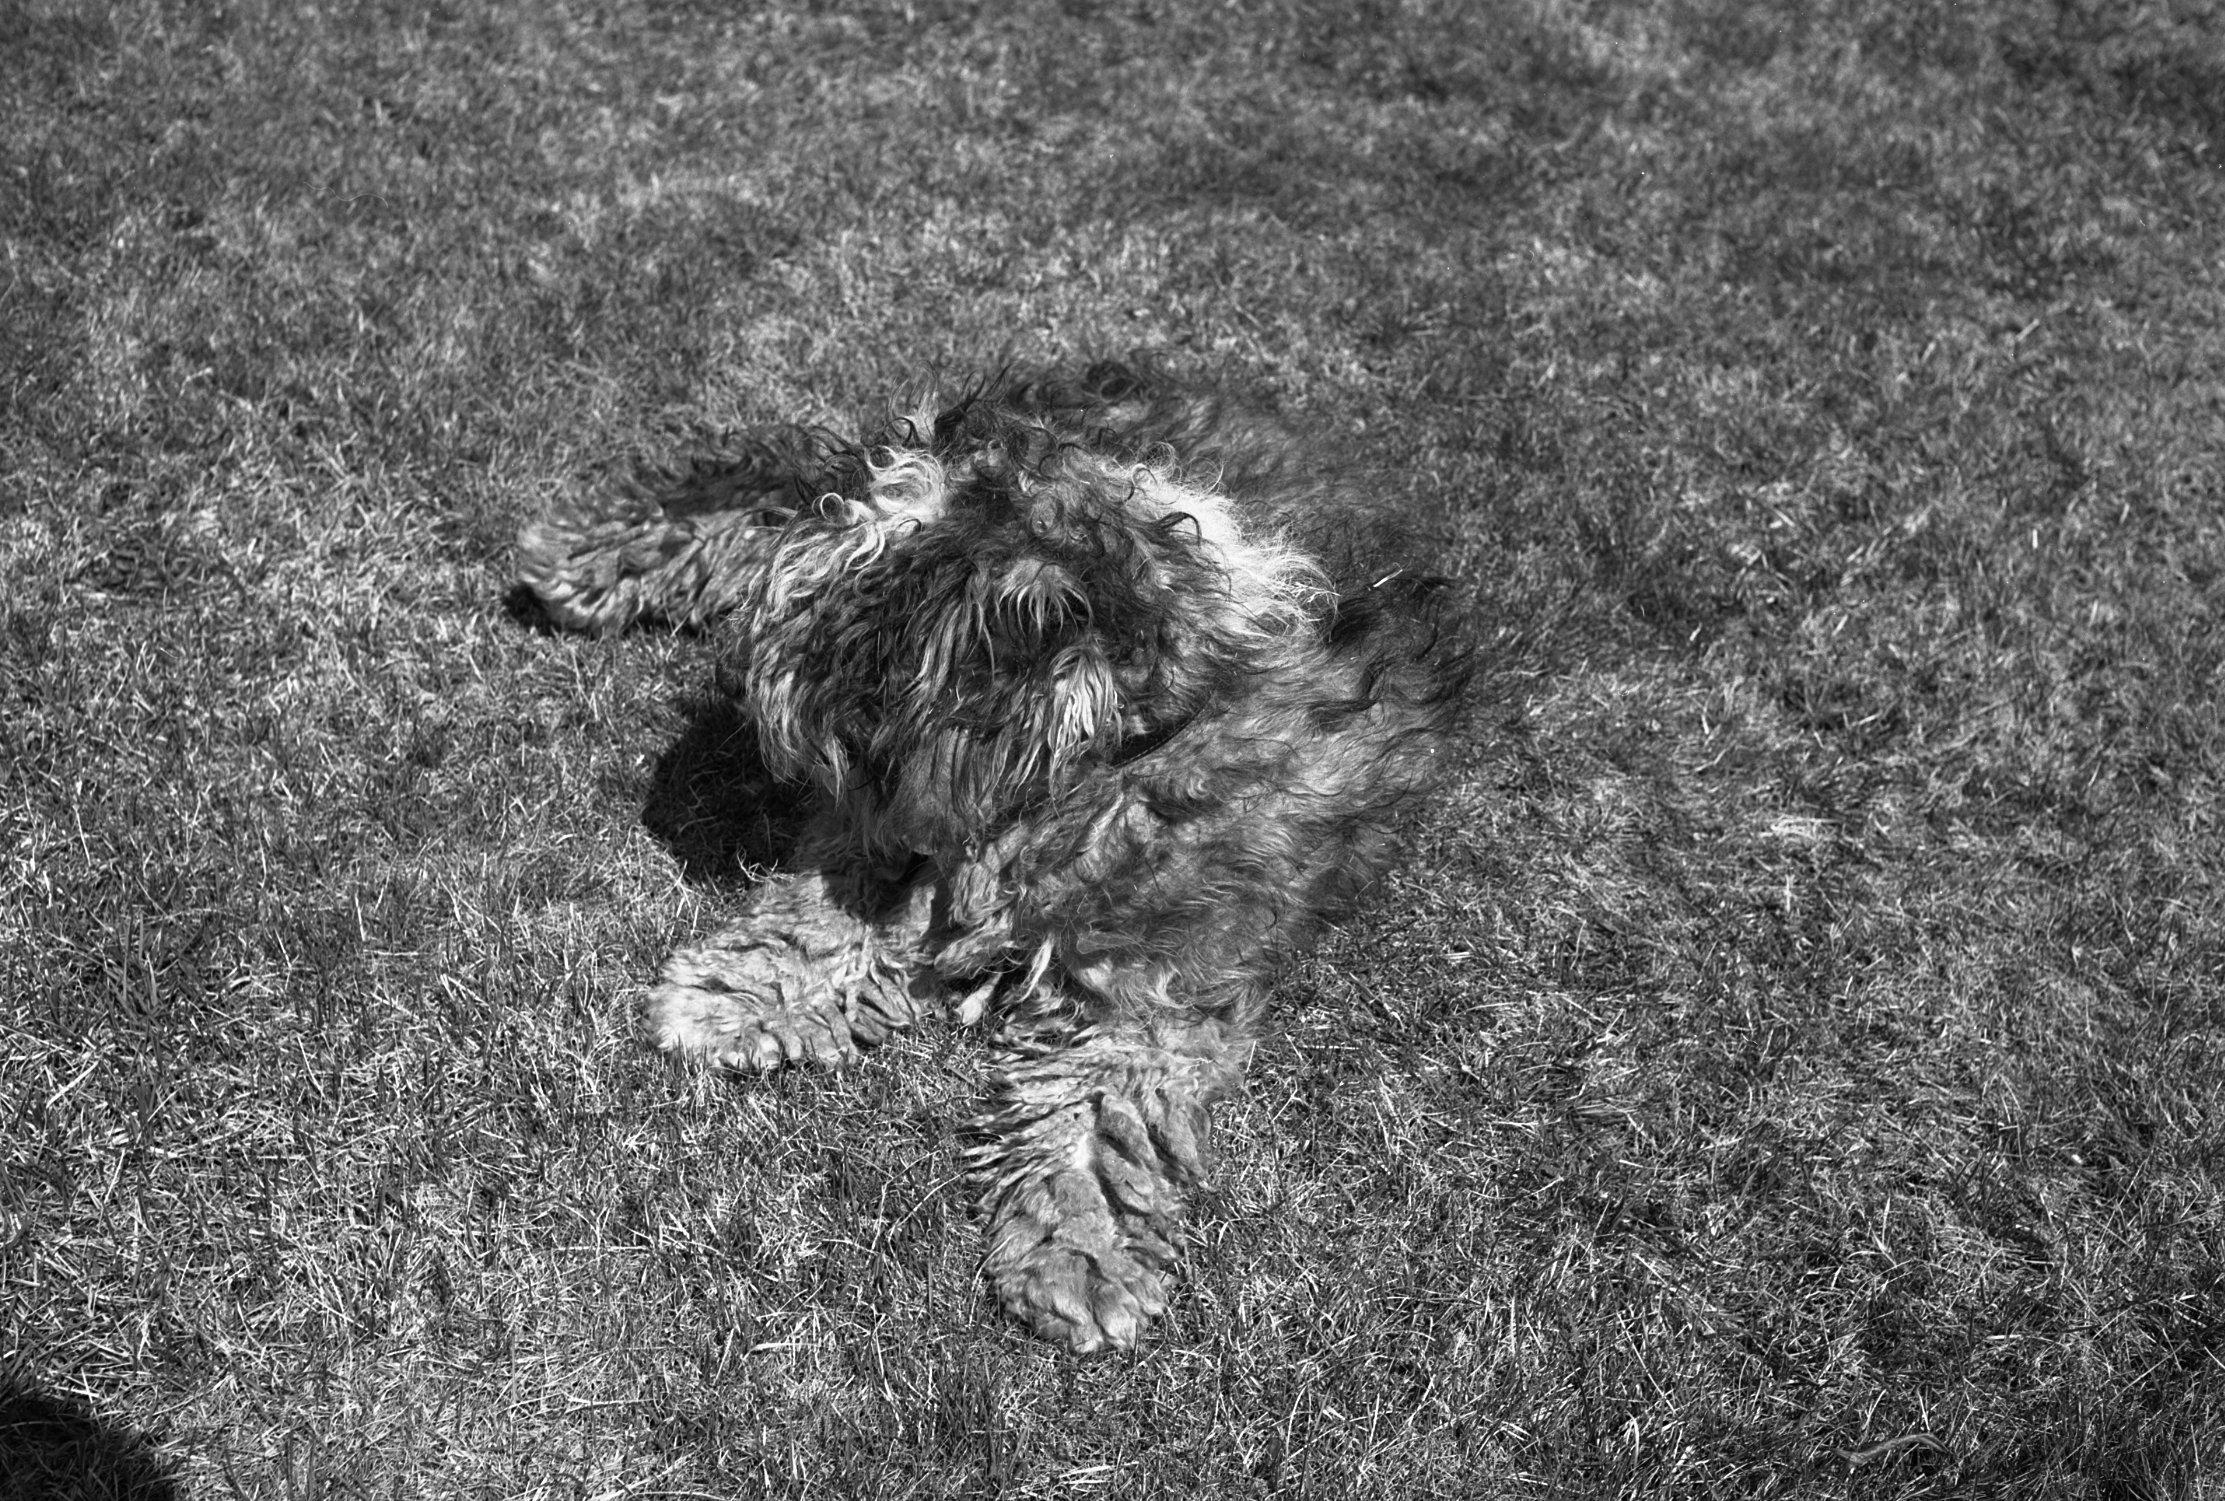 dog in grass.jpg